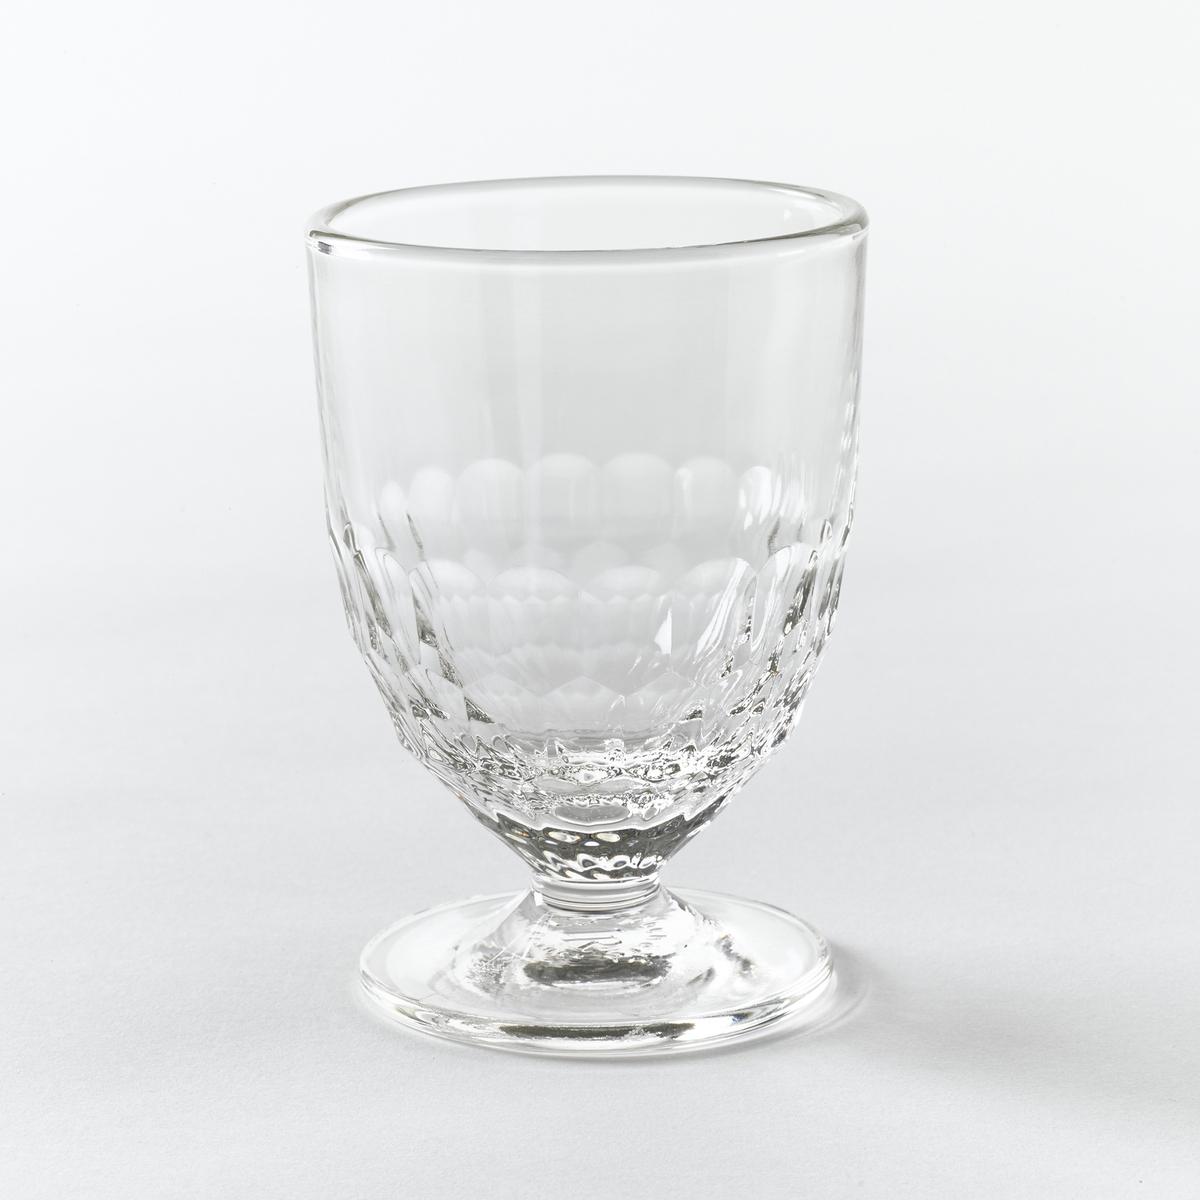 6 стаканов для вина с узором в виде сот, Cohani